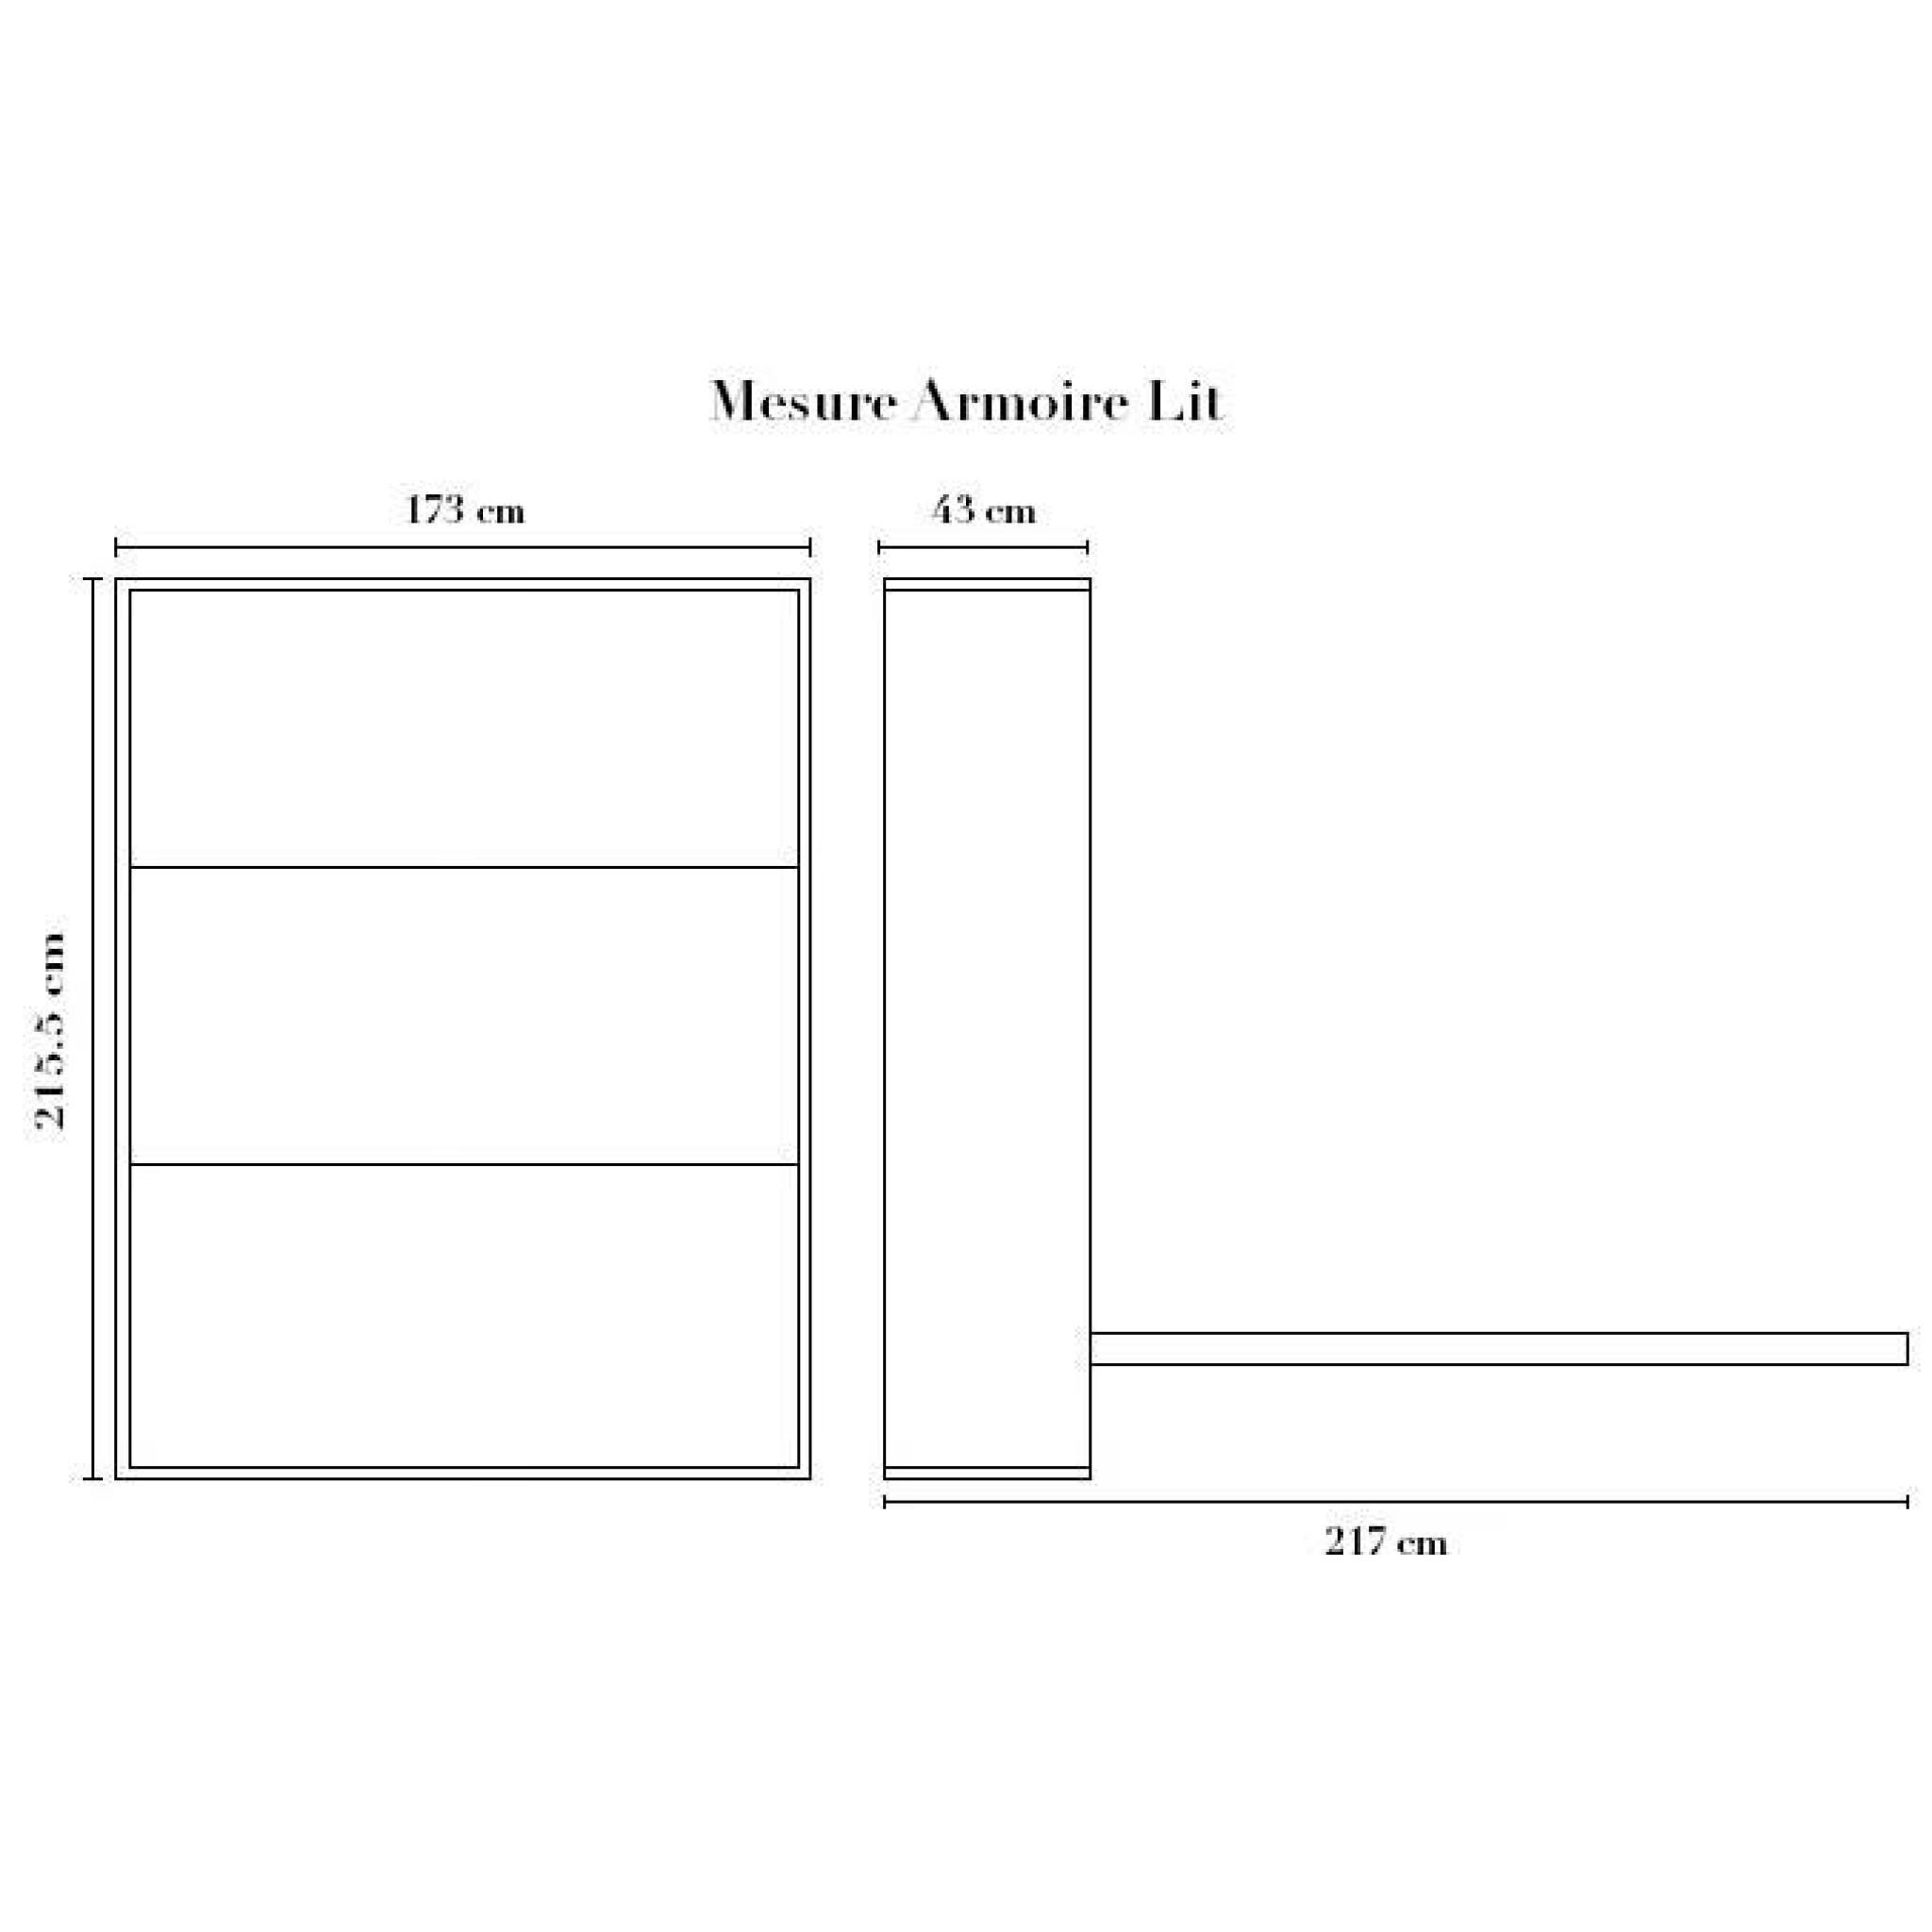 Armoire Lit Escamotable STONE X Gris AchatVente Lit - Lit escamotable 160x200 pas cher